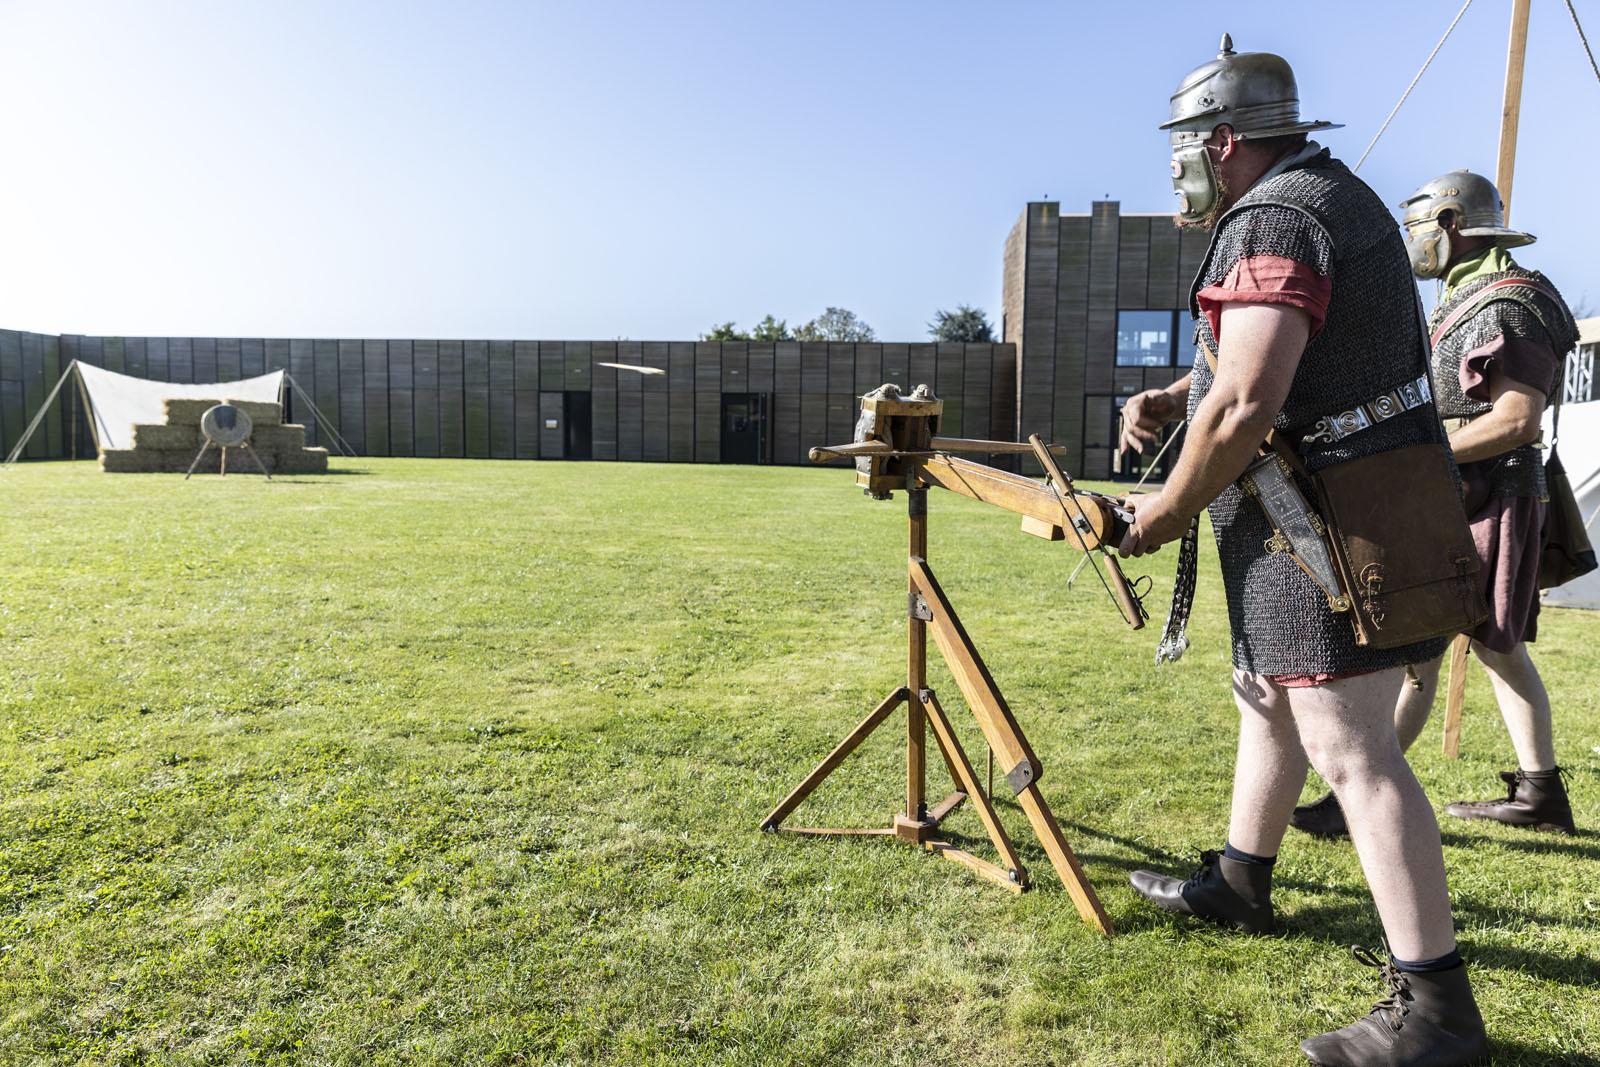 Zeldzame vondsten Romeinse tijd ontdekt